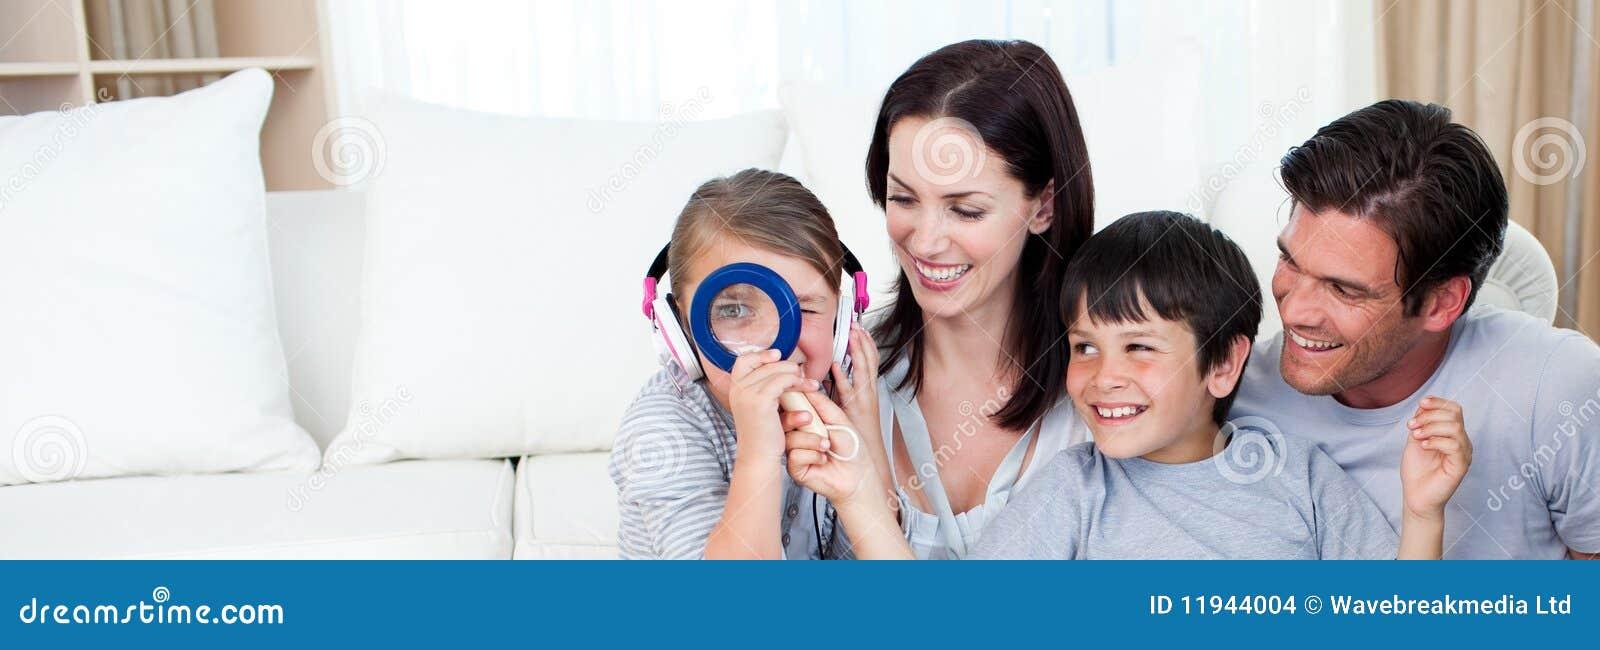 Familia feliz que juega con una lupa